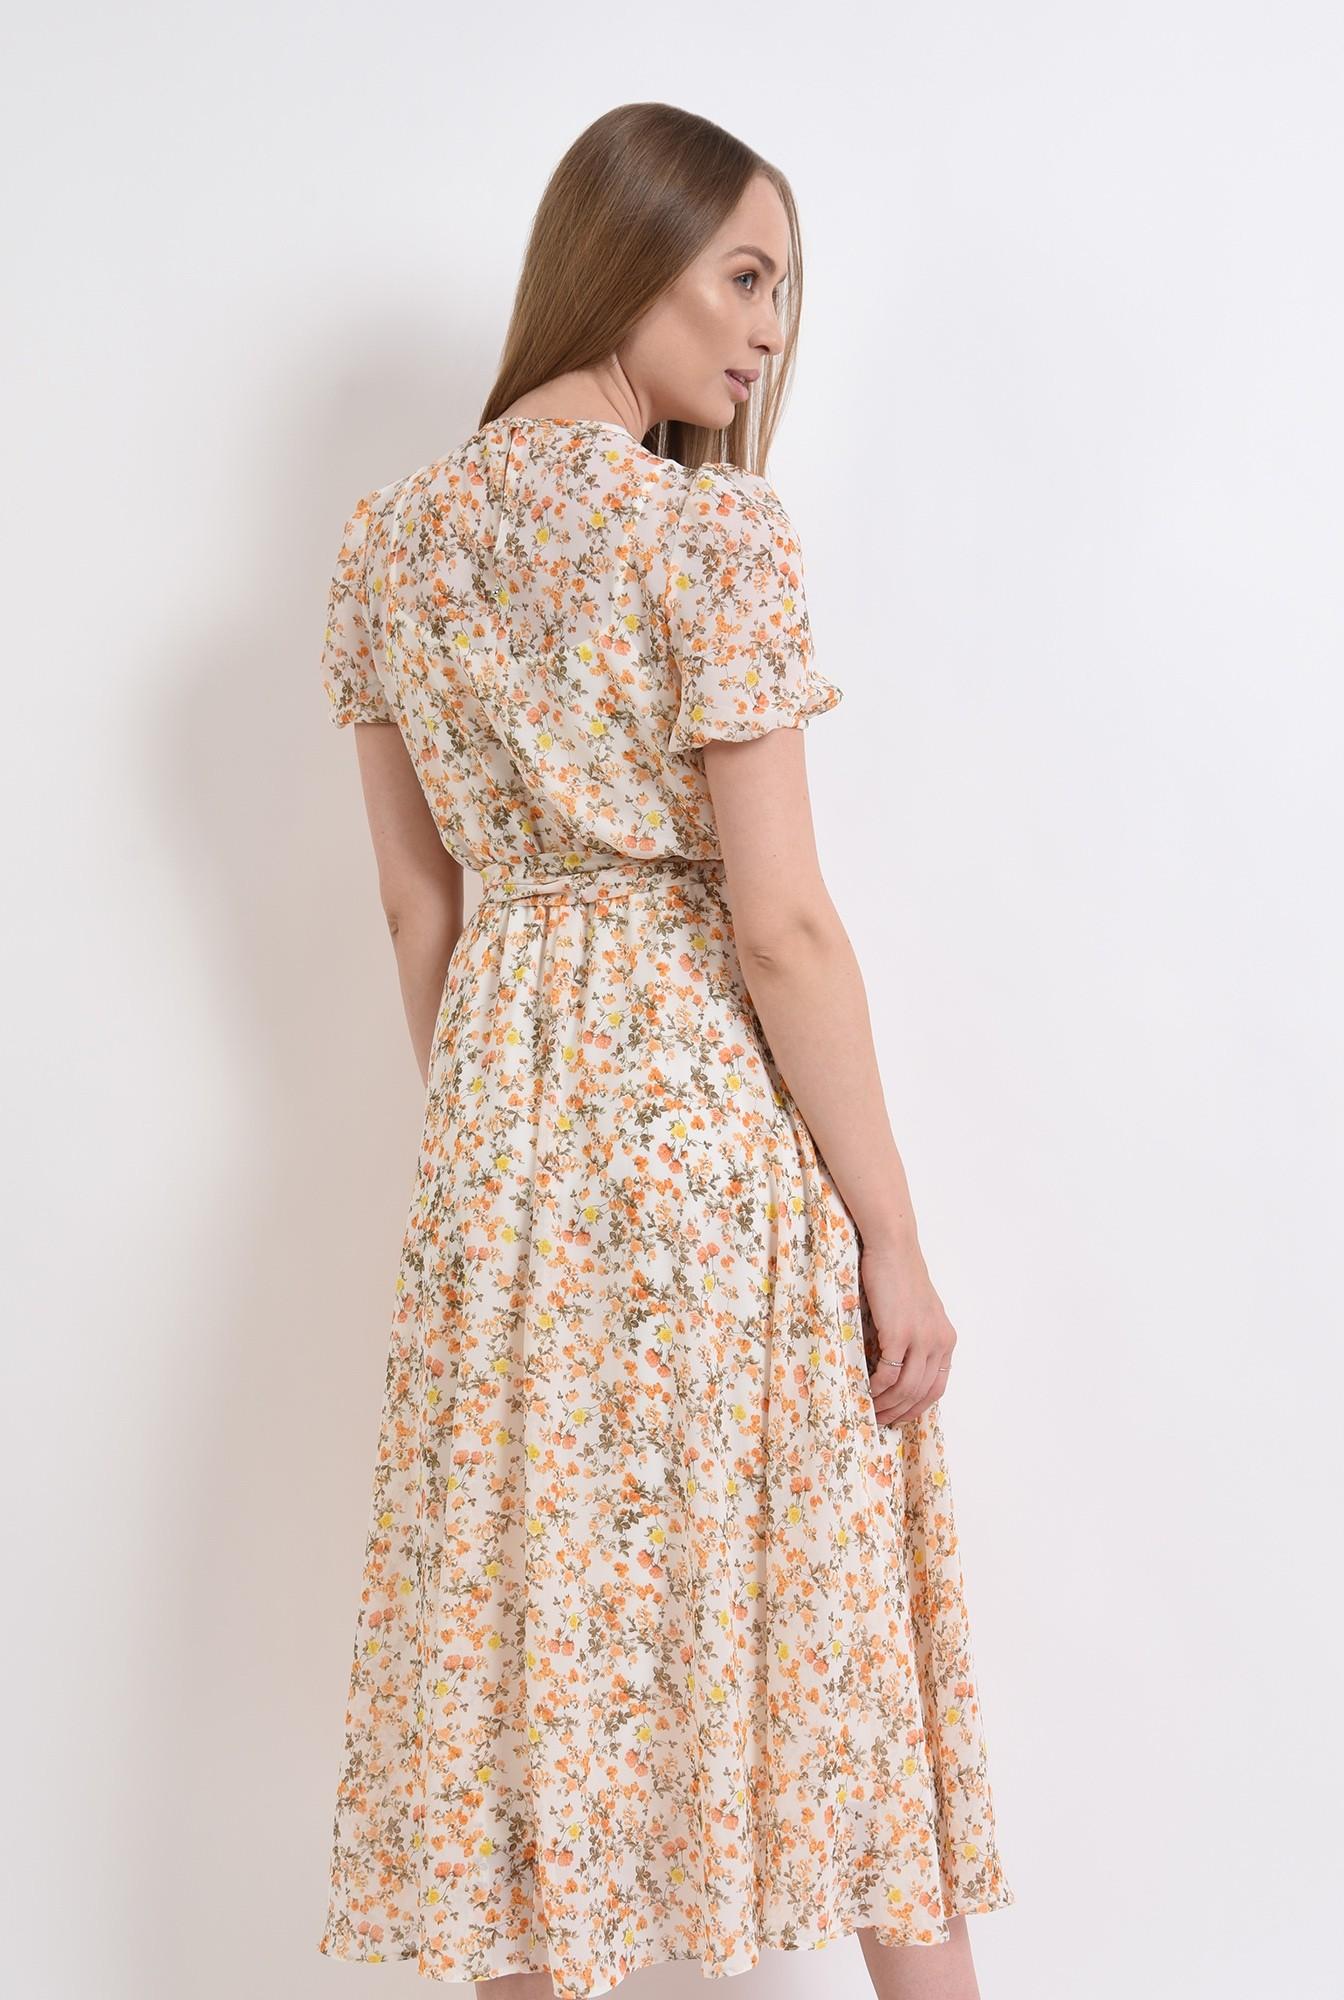 2 - rochie cu imprimeu floral, cu cordon, Poema